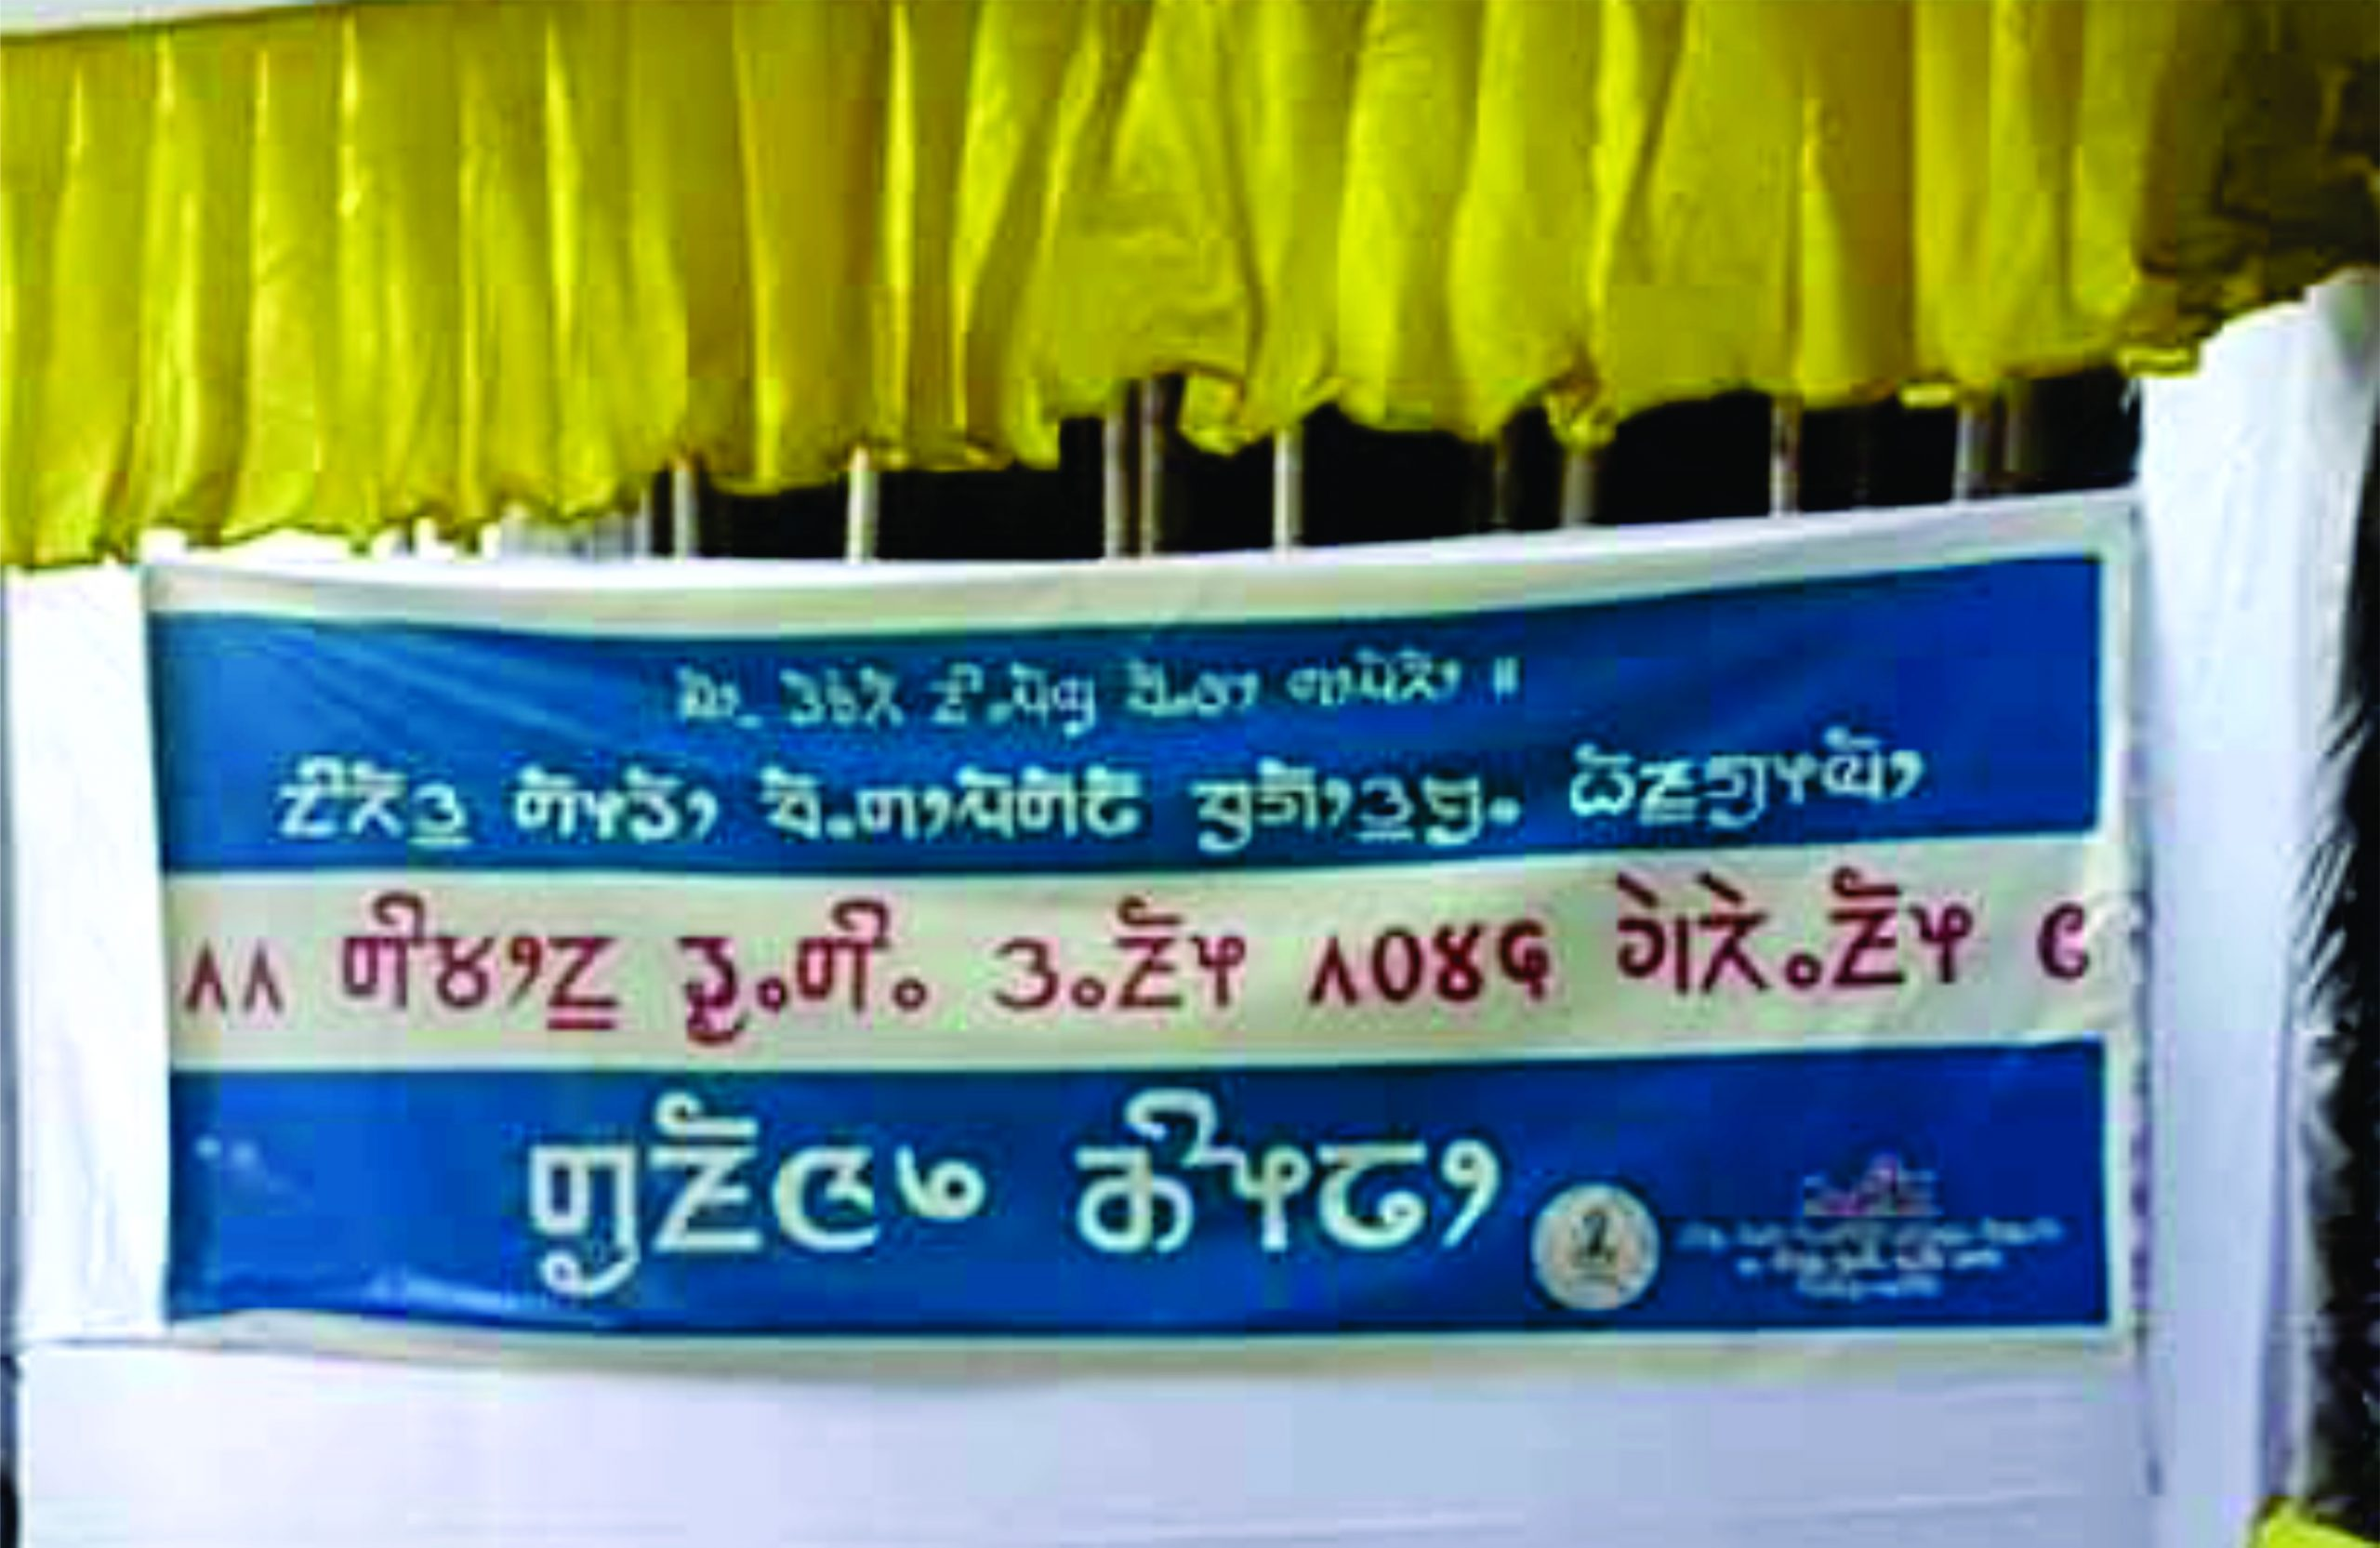 माङसेवासावाको २२ औं स्थापना दिवस तथा बार्षिक चोमेन सेवाको तयारी पुरा